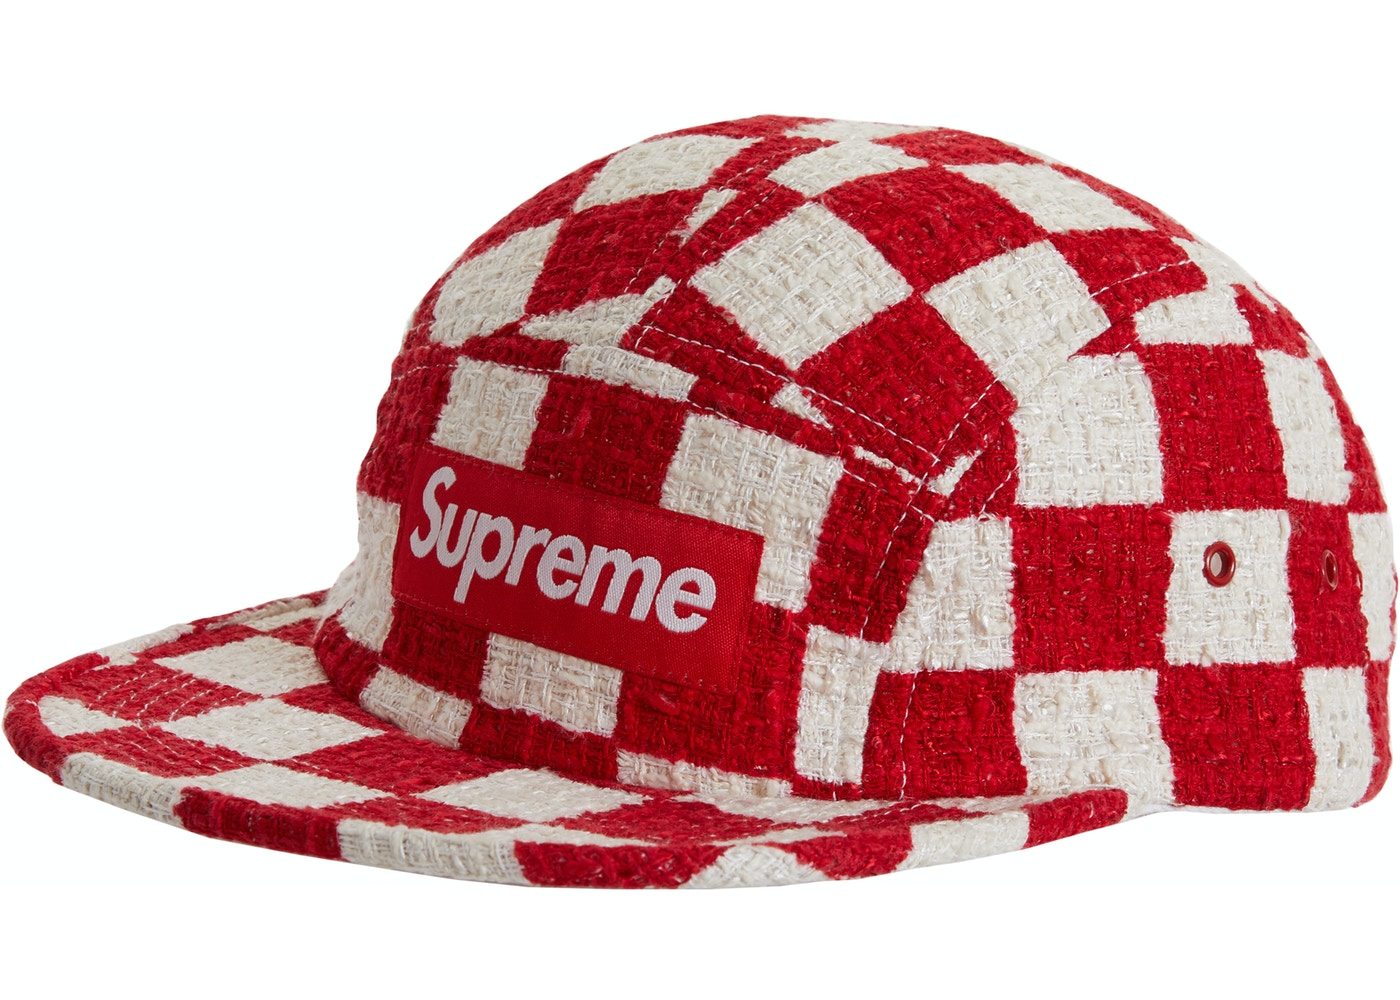 4d67105f4c1e3 Supreme Headwear - Buy   Sell Streetwear